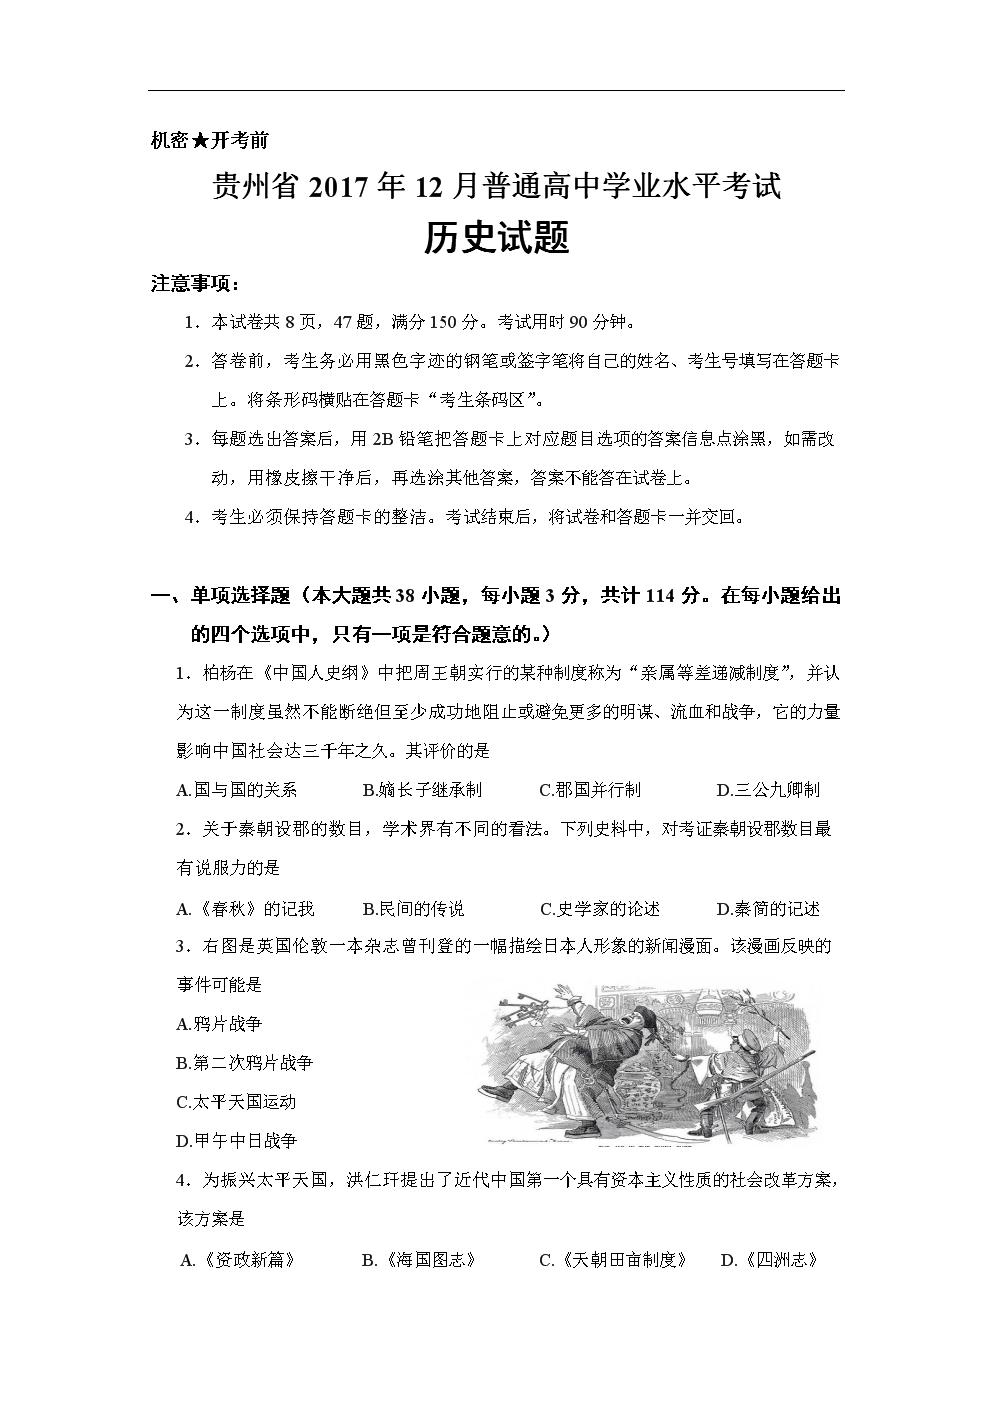 贵州省201712月普通高中历史水平考试高中真题(卷)最新试题编写.doc芜湖学业哪些图片